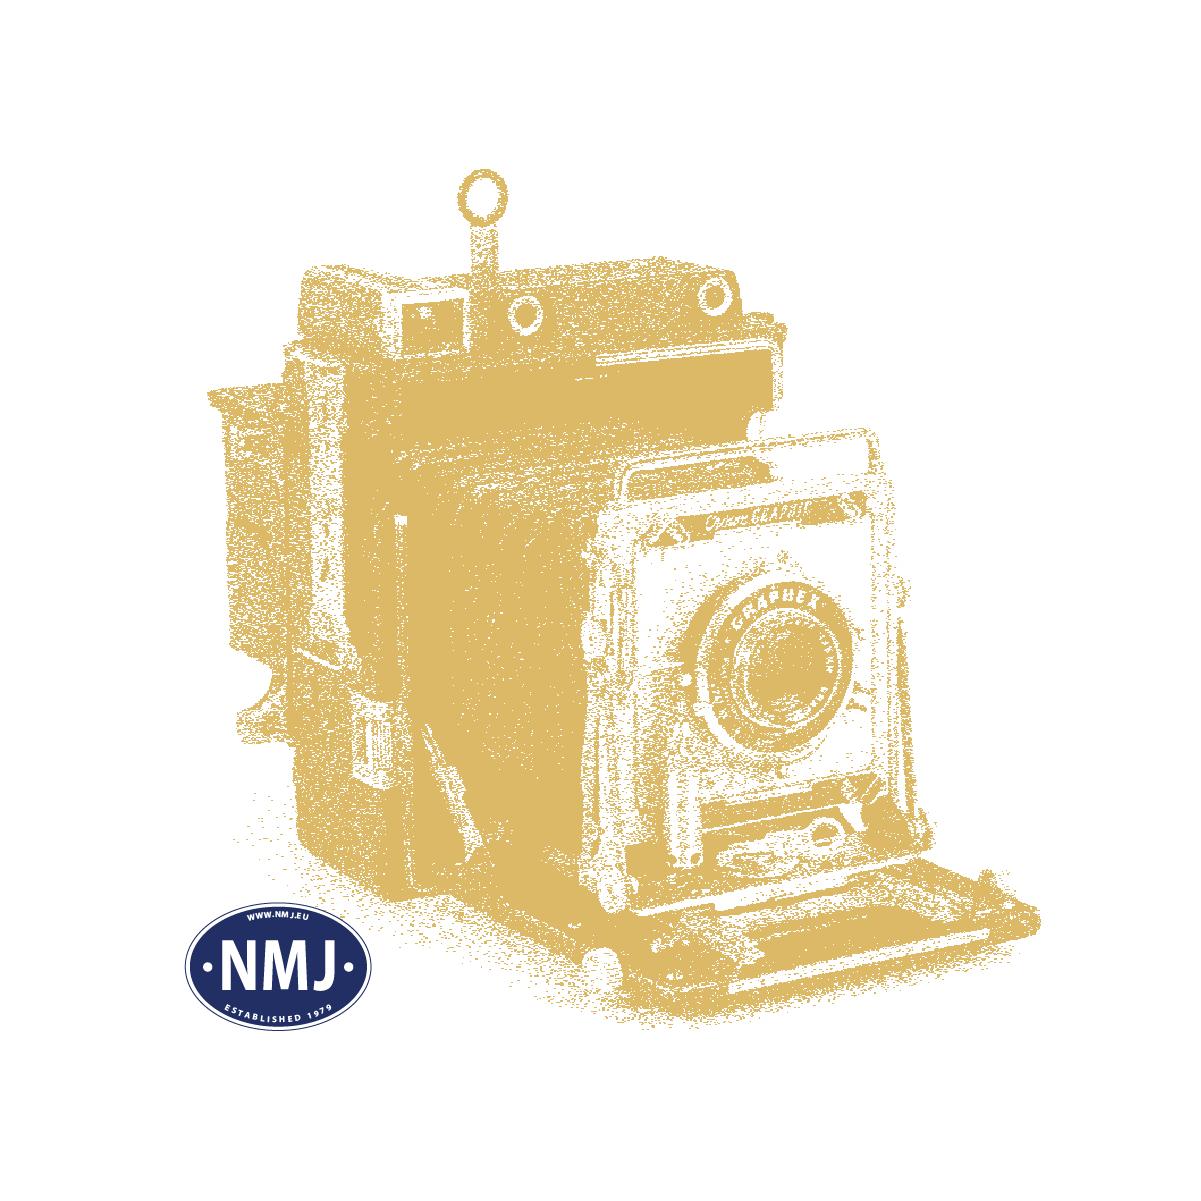 NMJ Superline NSB Stakevogn T3 14548